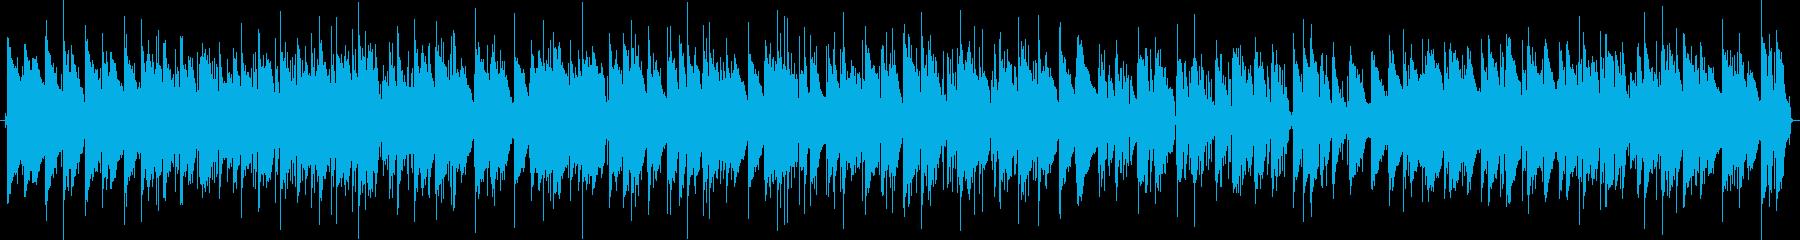 コーヒーが飲みたくなる(?)ピアノトリオの再生済みの波形